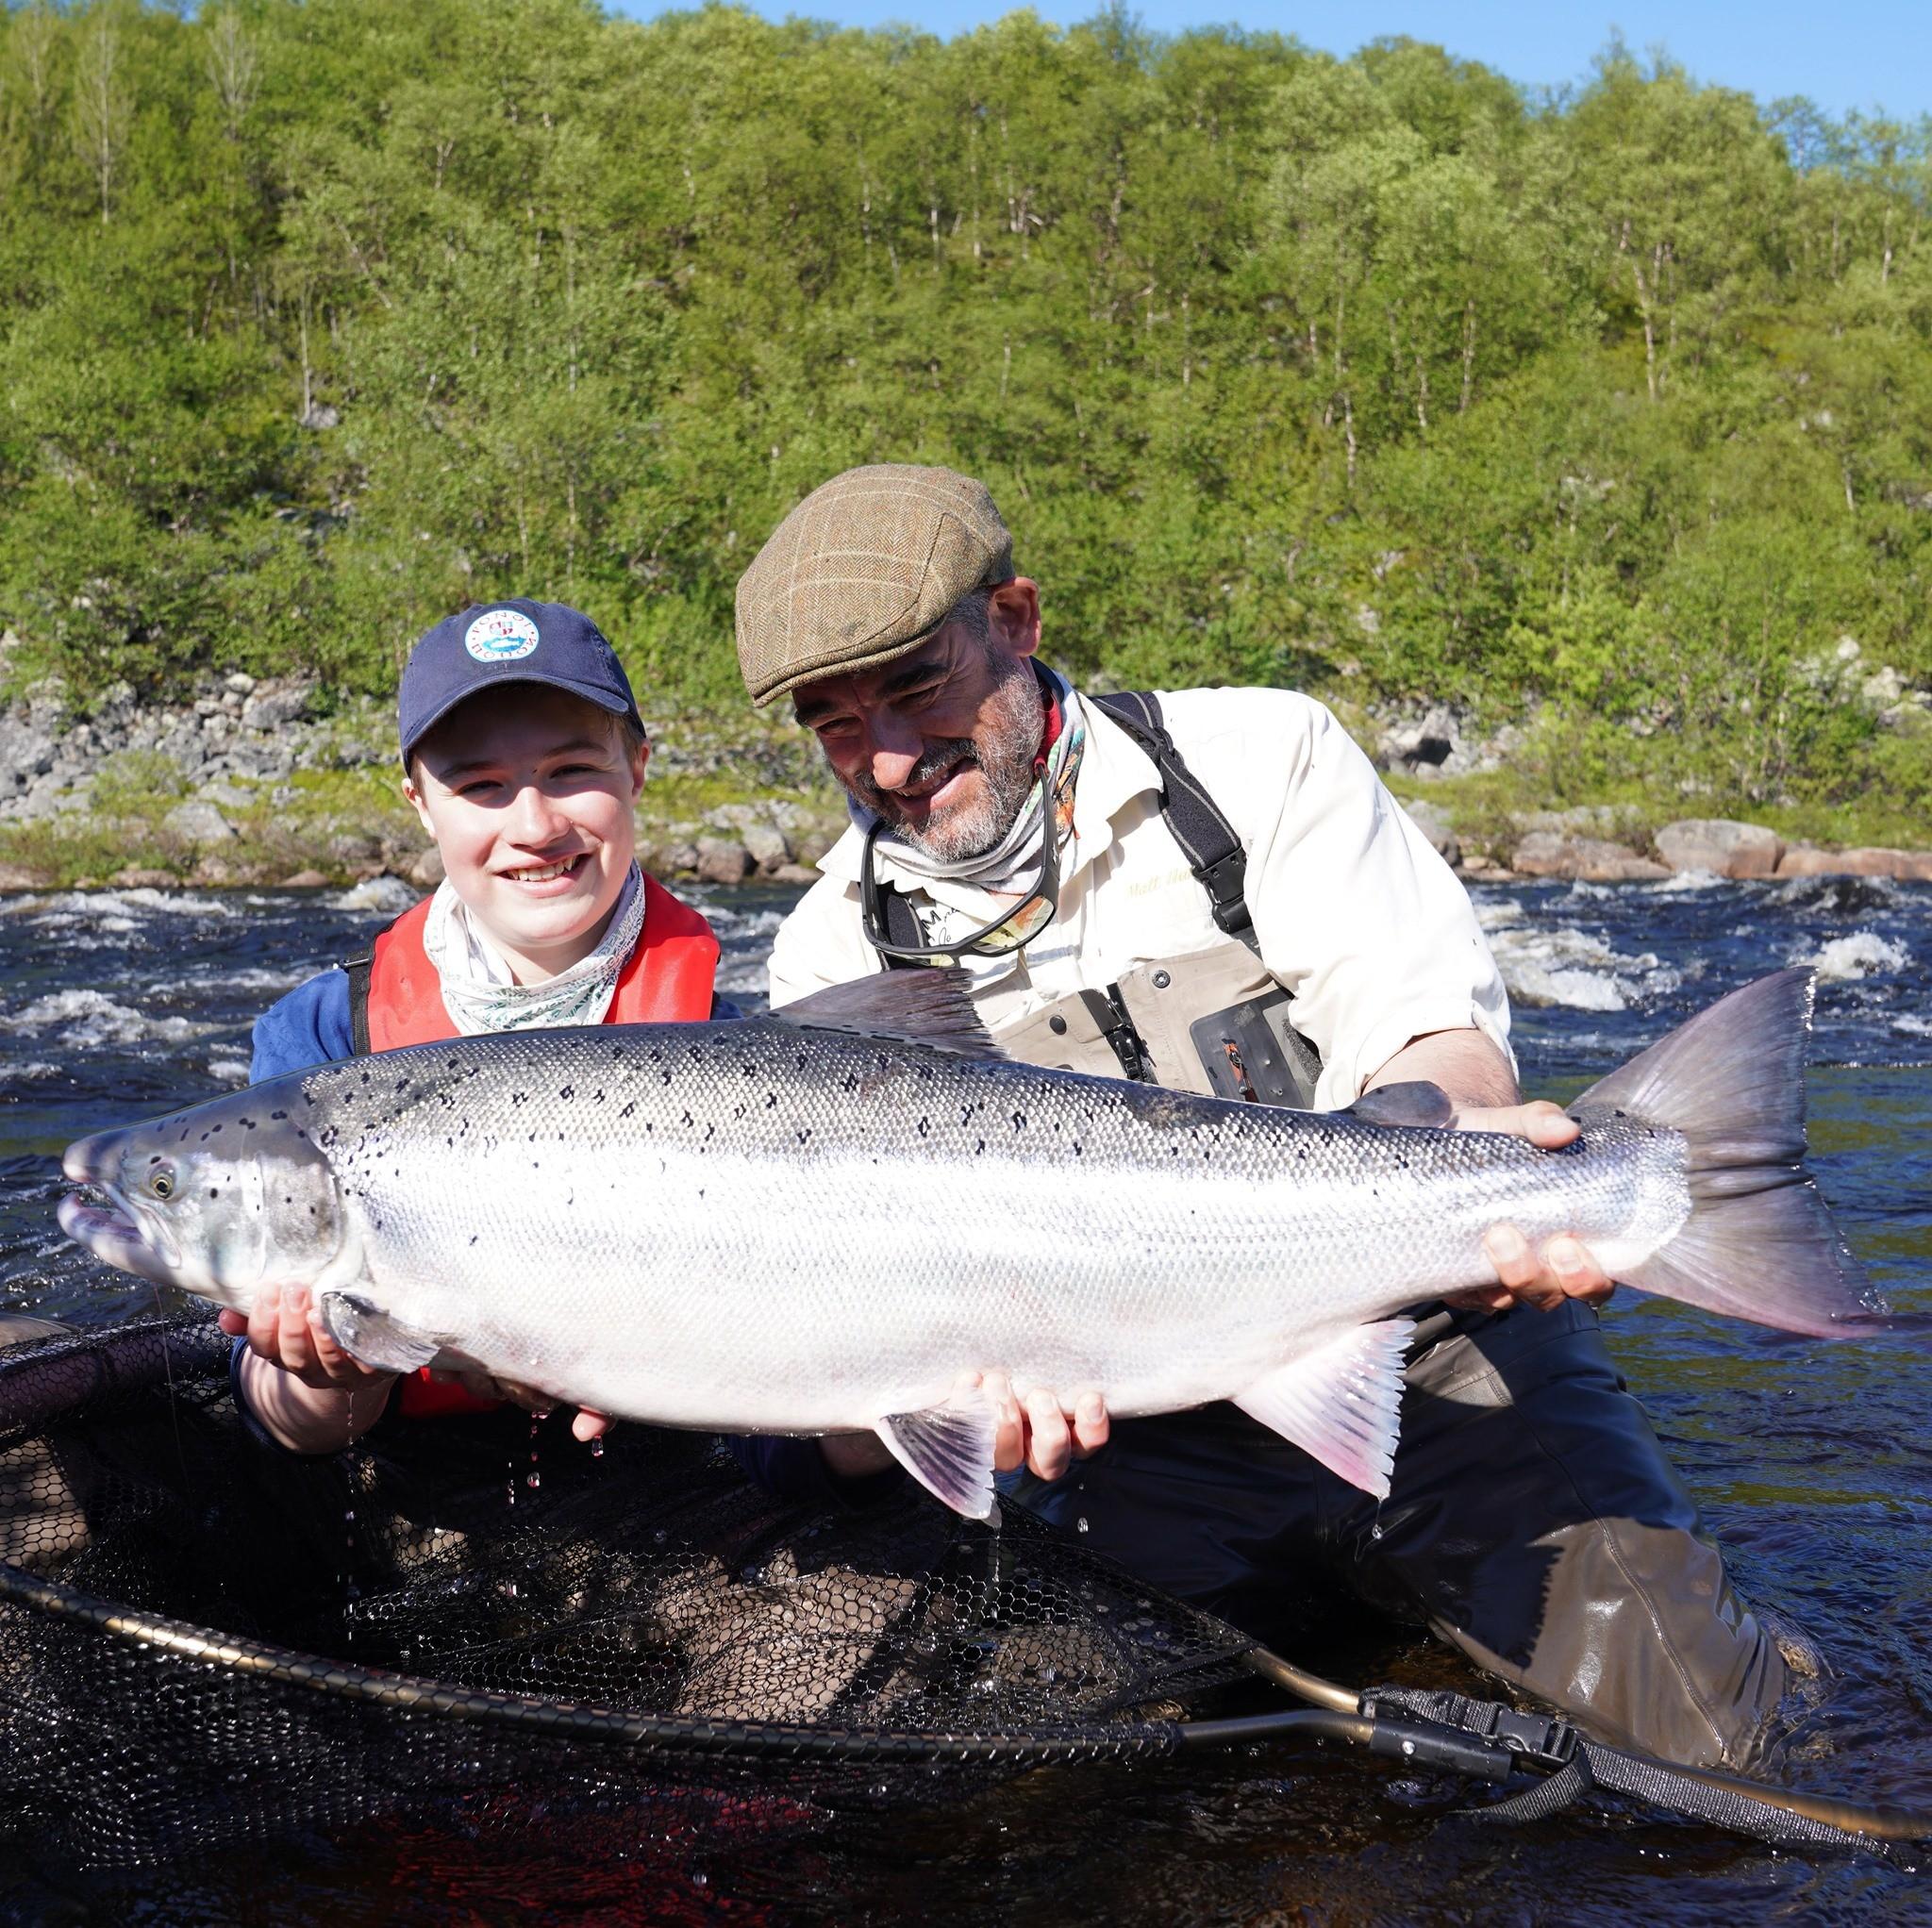 Pescador russo bate recorde mundial ao fisgar salmão 'gigante' de 1 metro